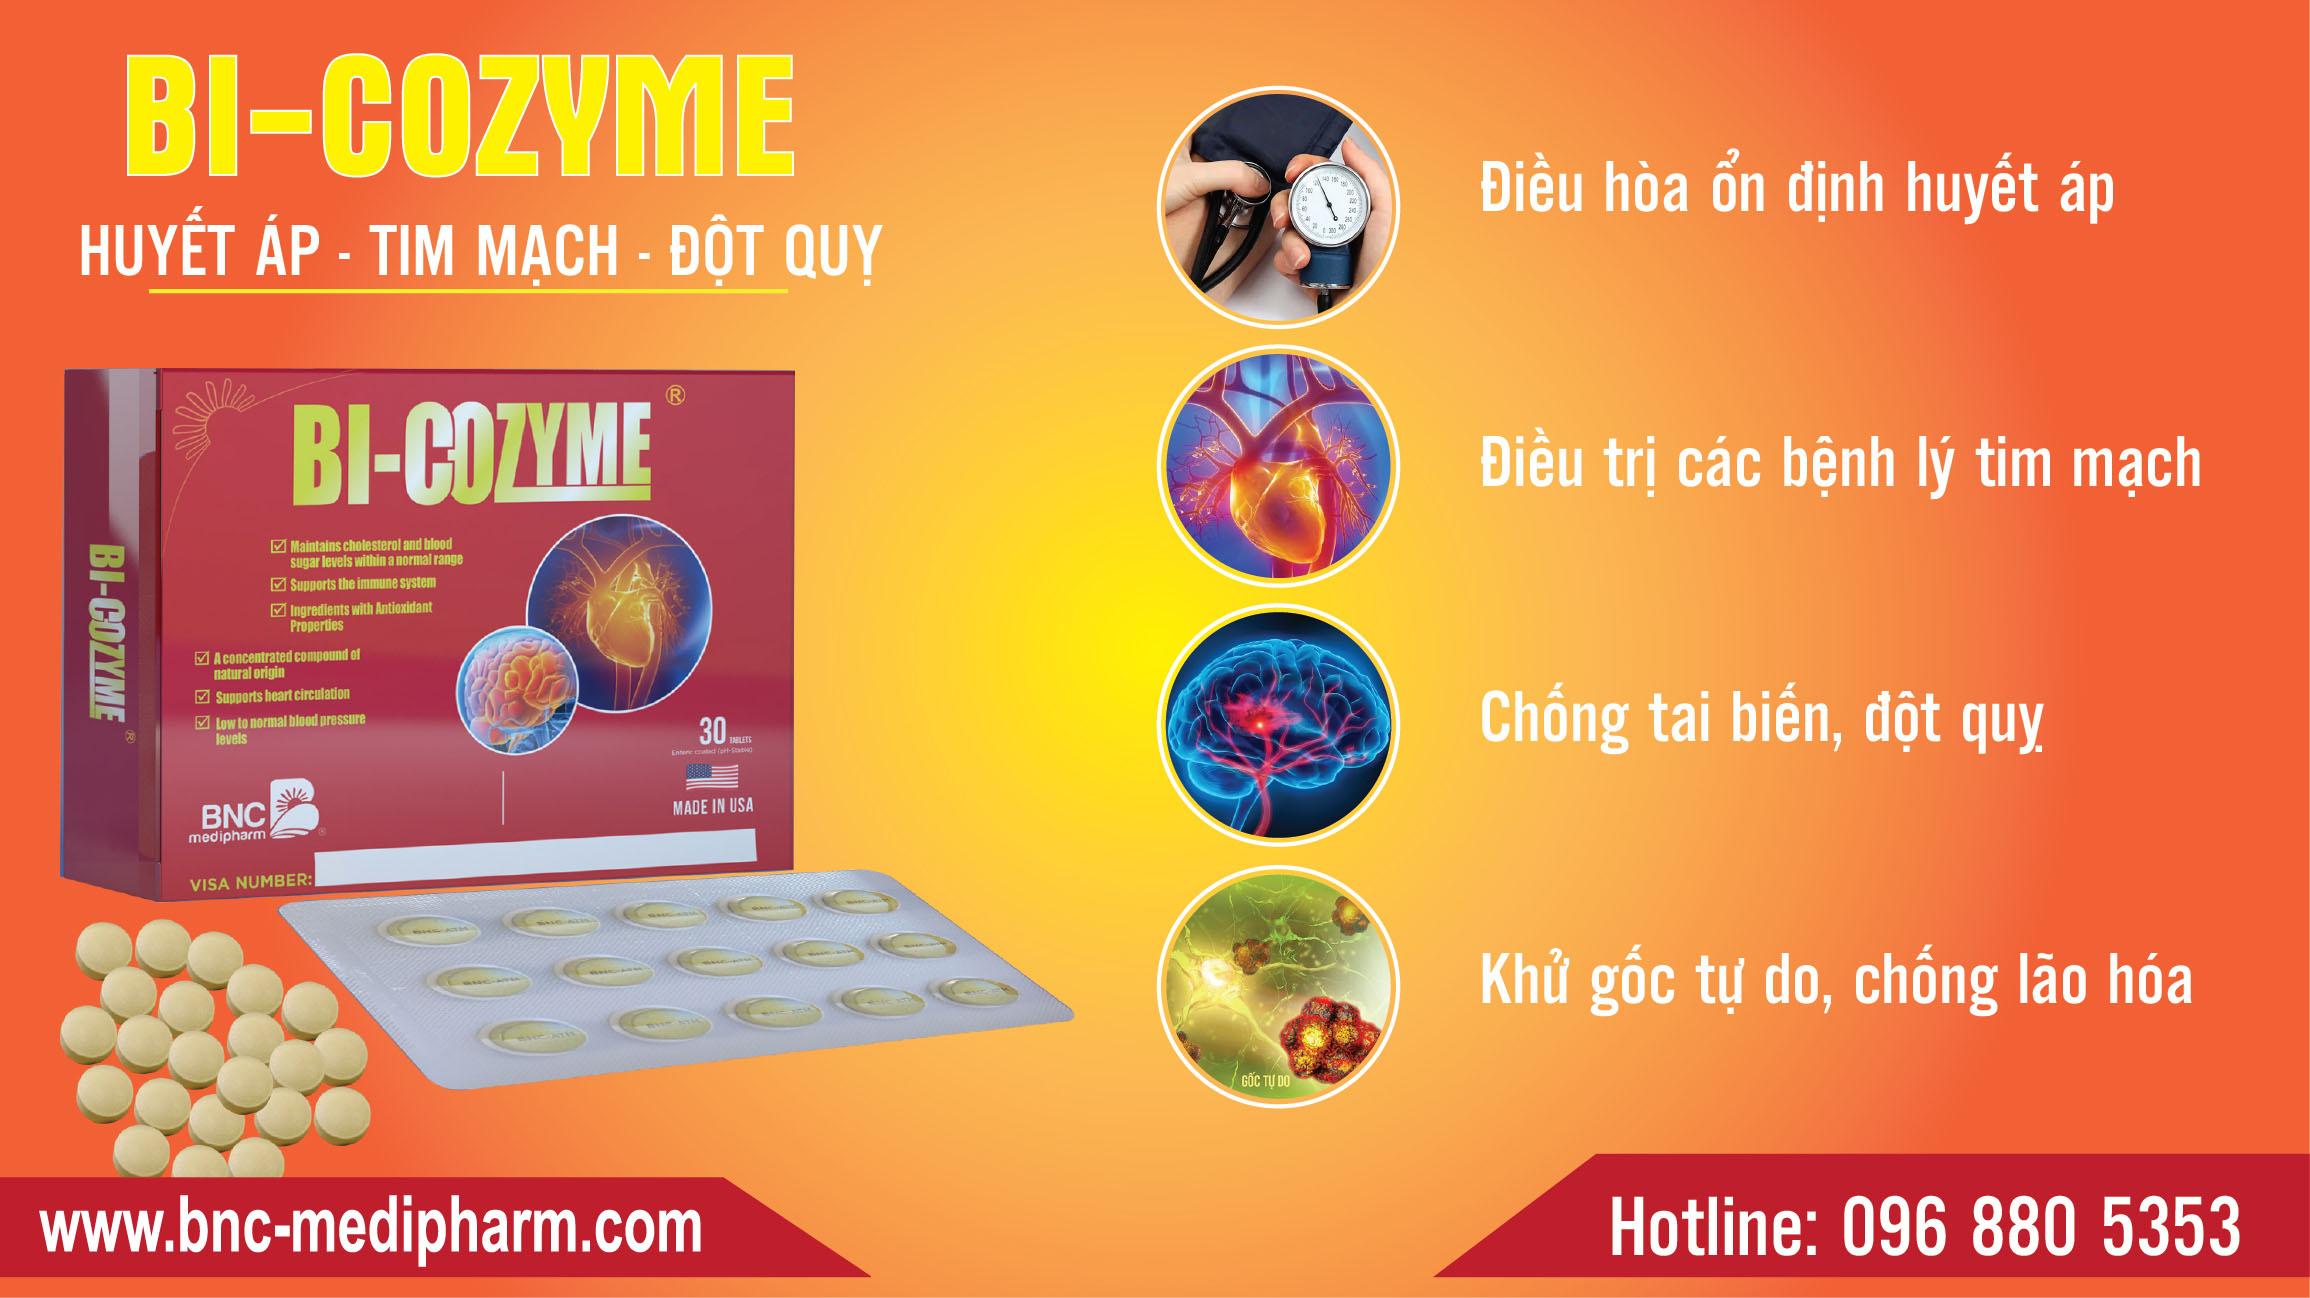 Thuốc Bi-Cozyme